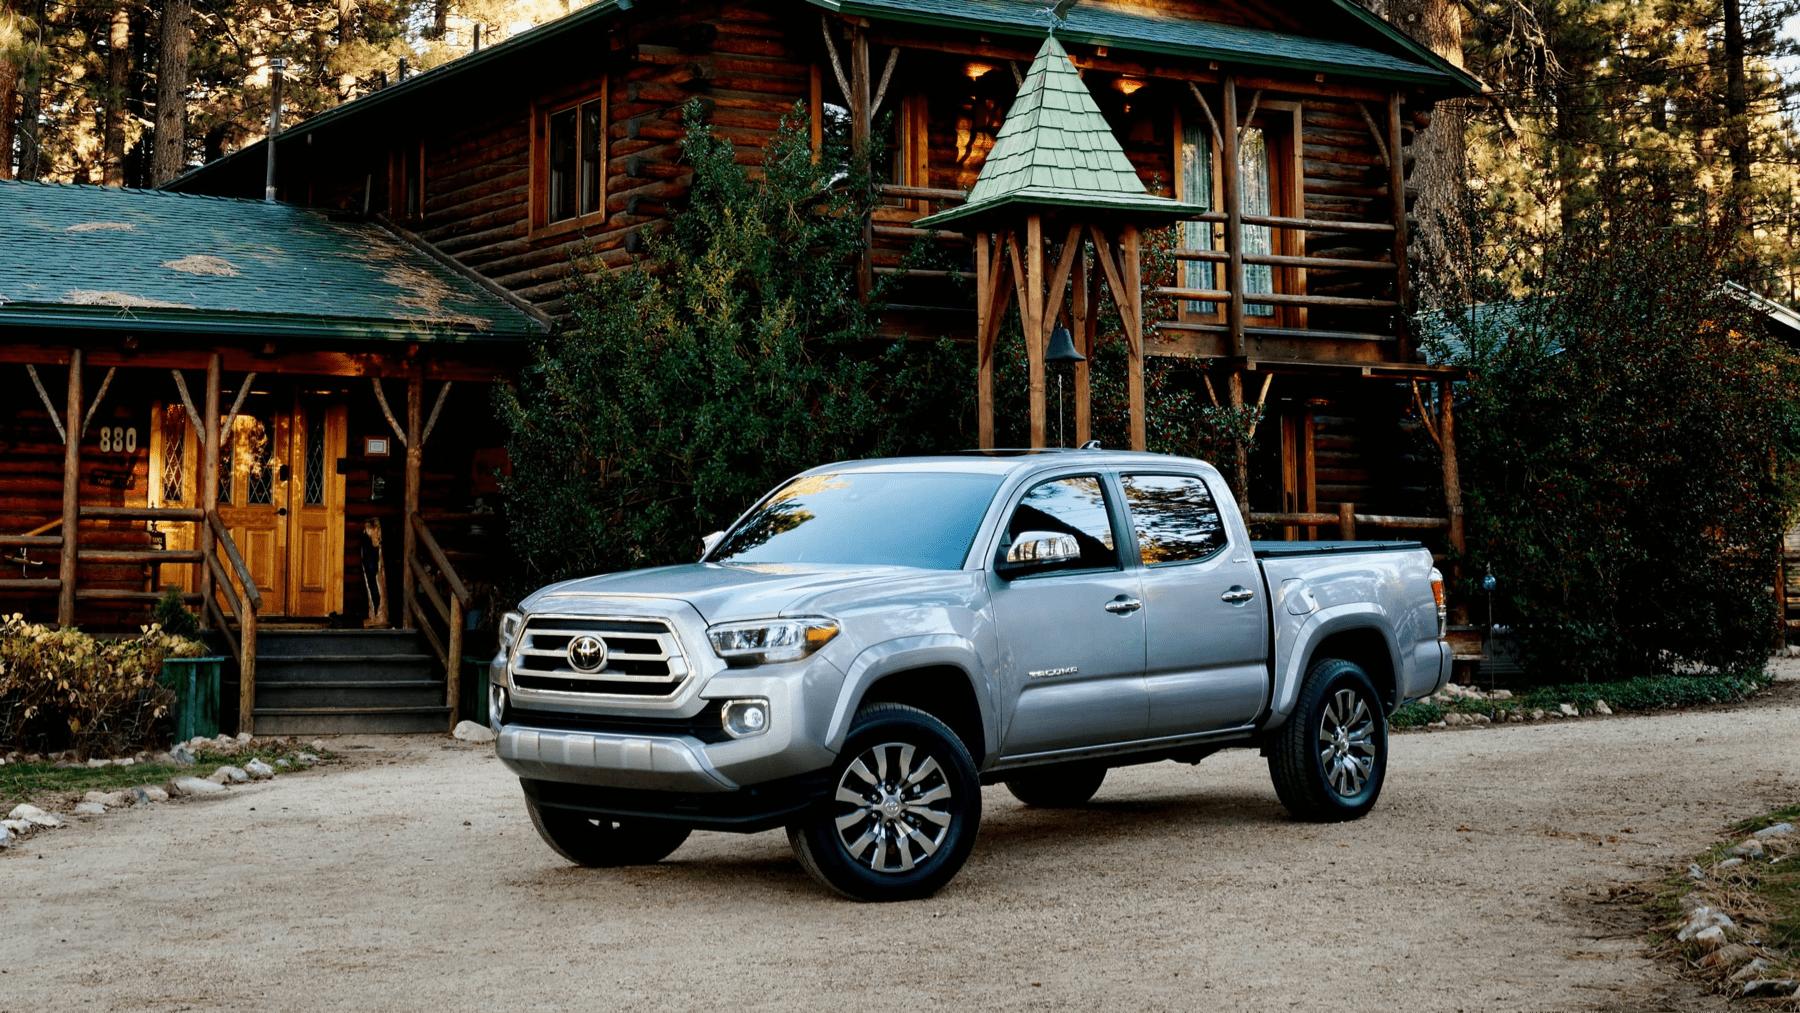 2020 Toyota Tacoma parked